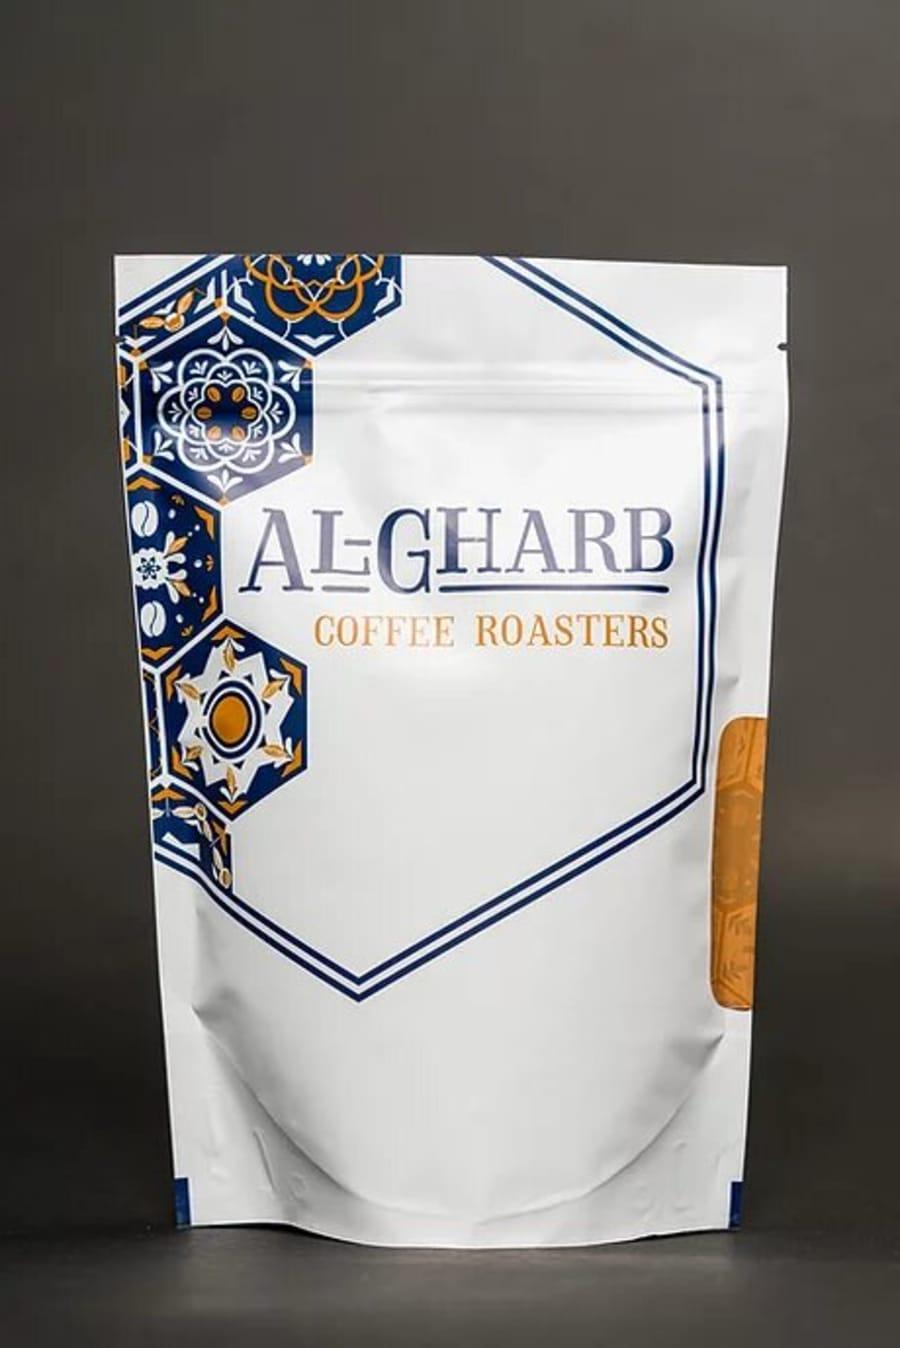 Colombia Excelso - Departamento de Caldas | Al-Gharb Coffee Roasters